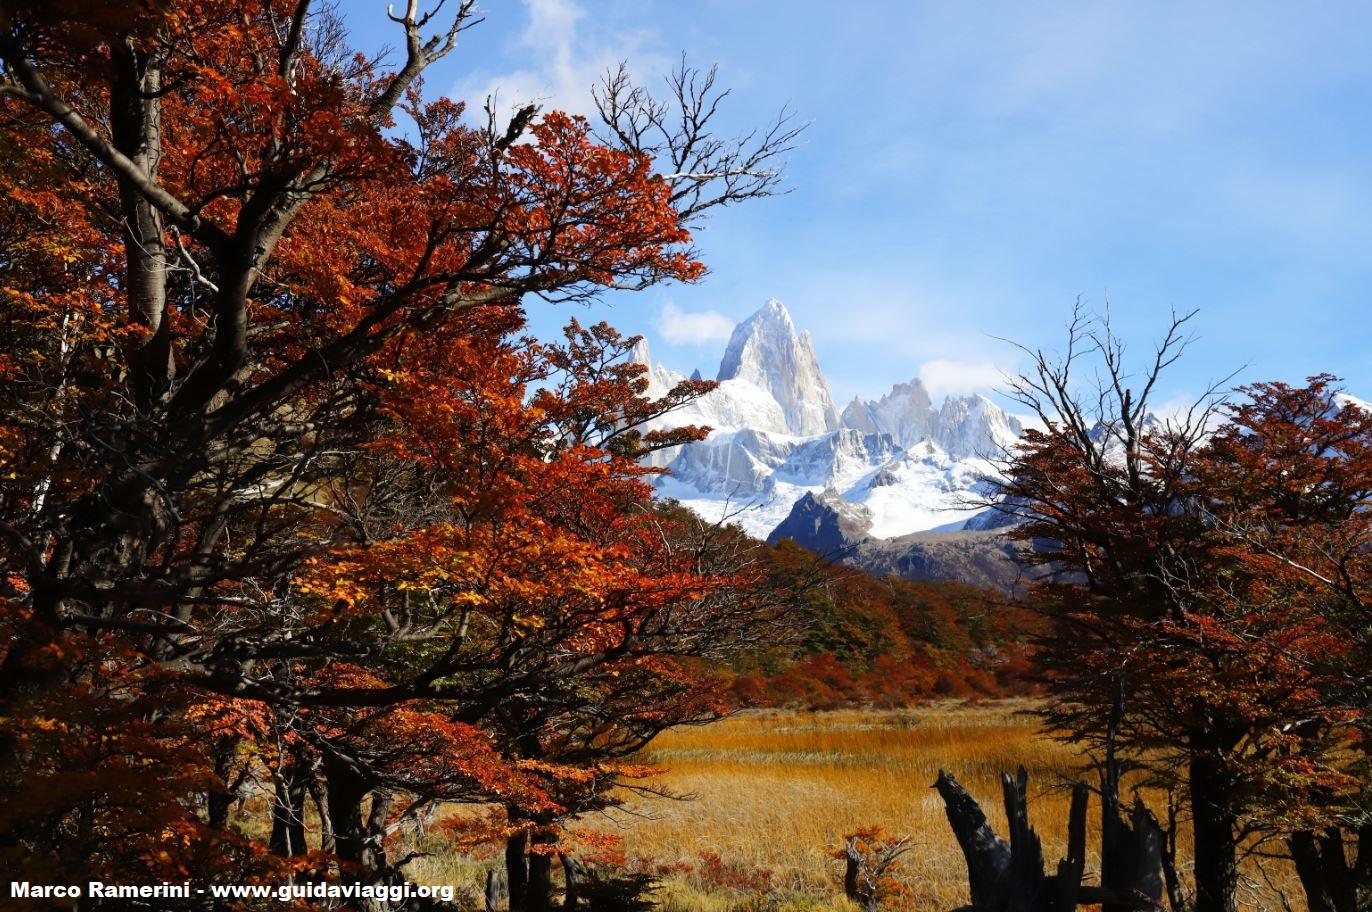 Los colores del otoño en la Patagonia: Monte Fitz Roy, Parque Nacional Los Glaciares, Argentina. Autor y Copyright Marco Ramerini